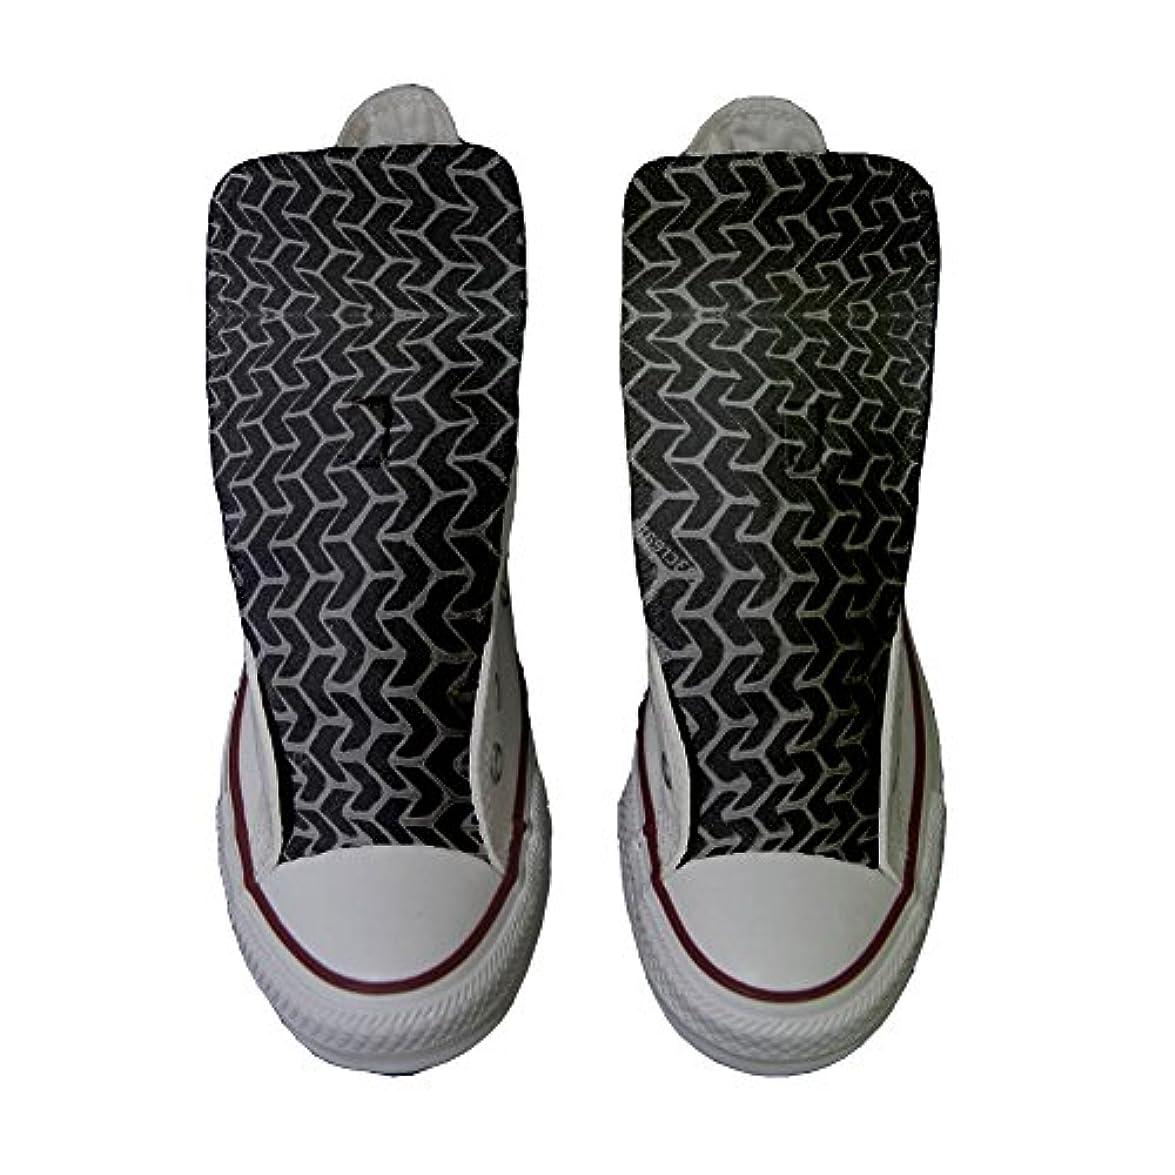 Converse Artigianali Star Pirelly scarpe Canvas Personalizzate Hi All Scarpe